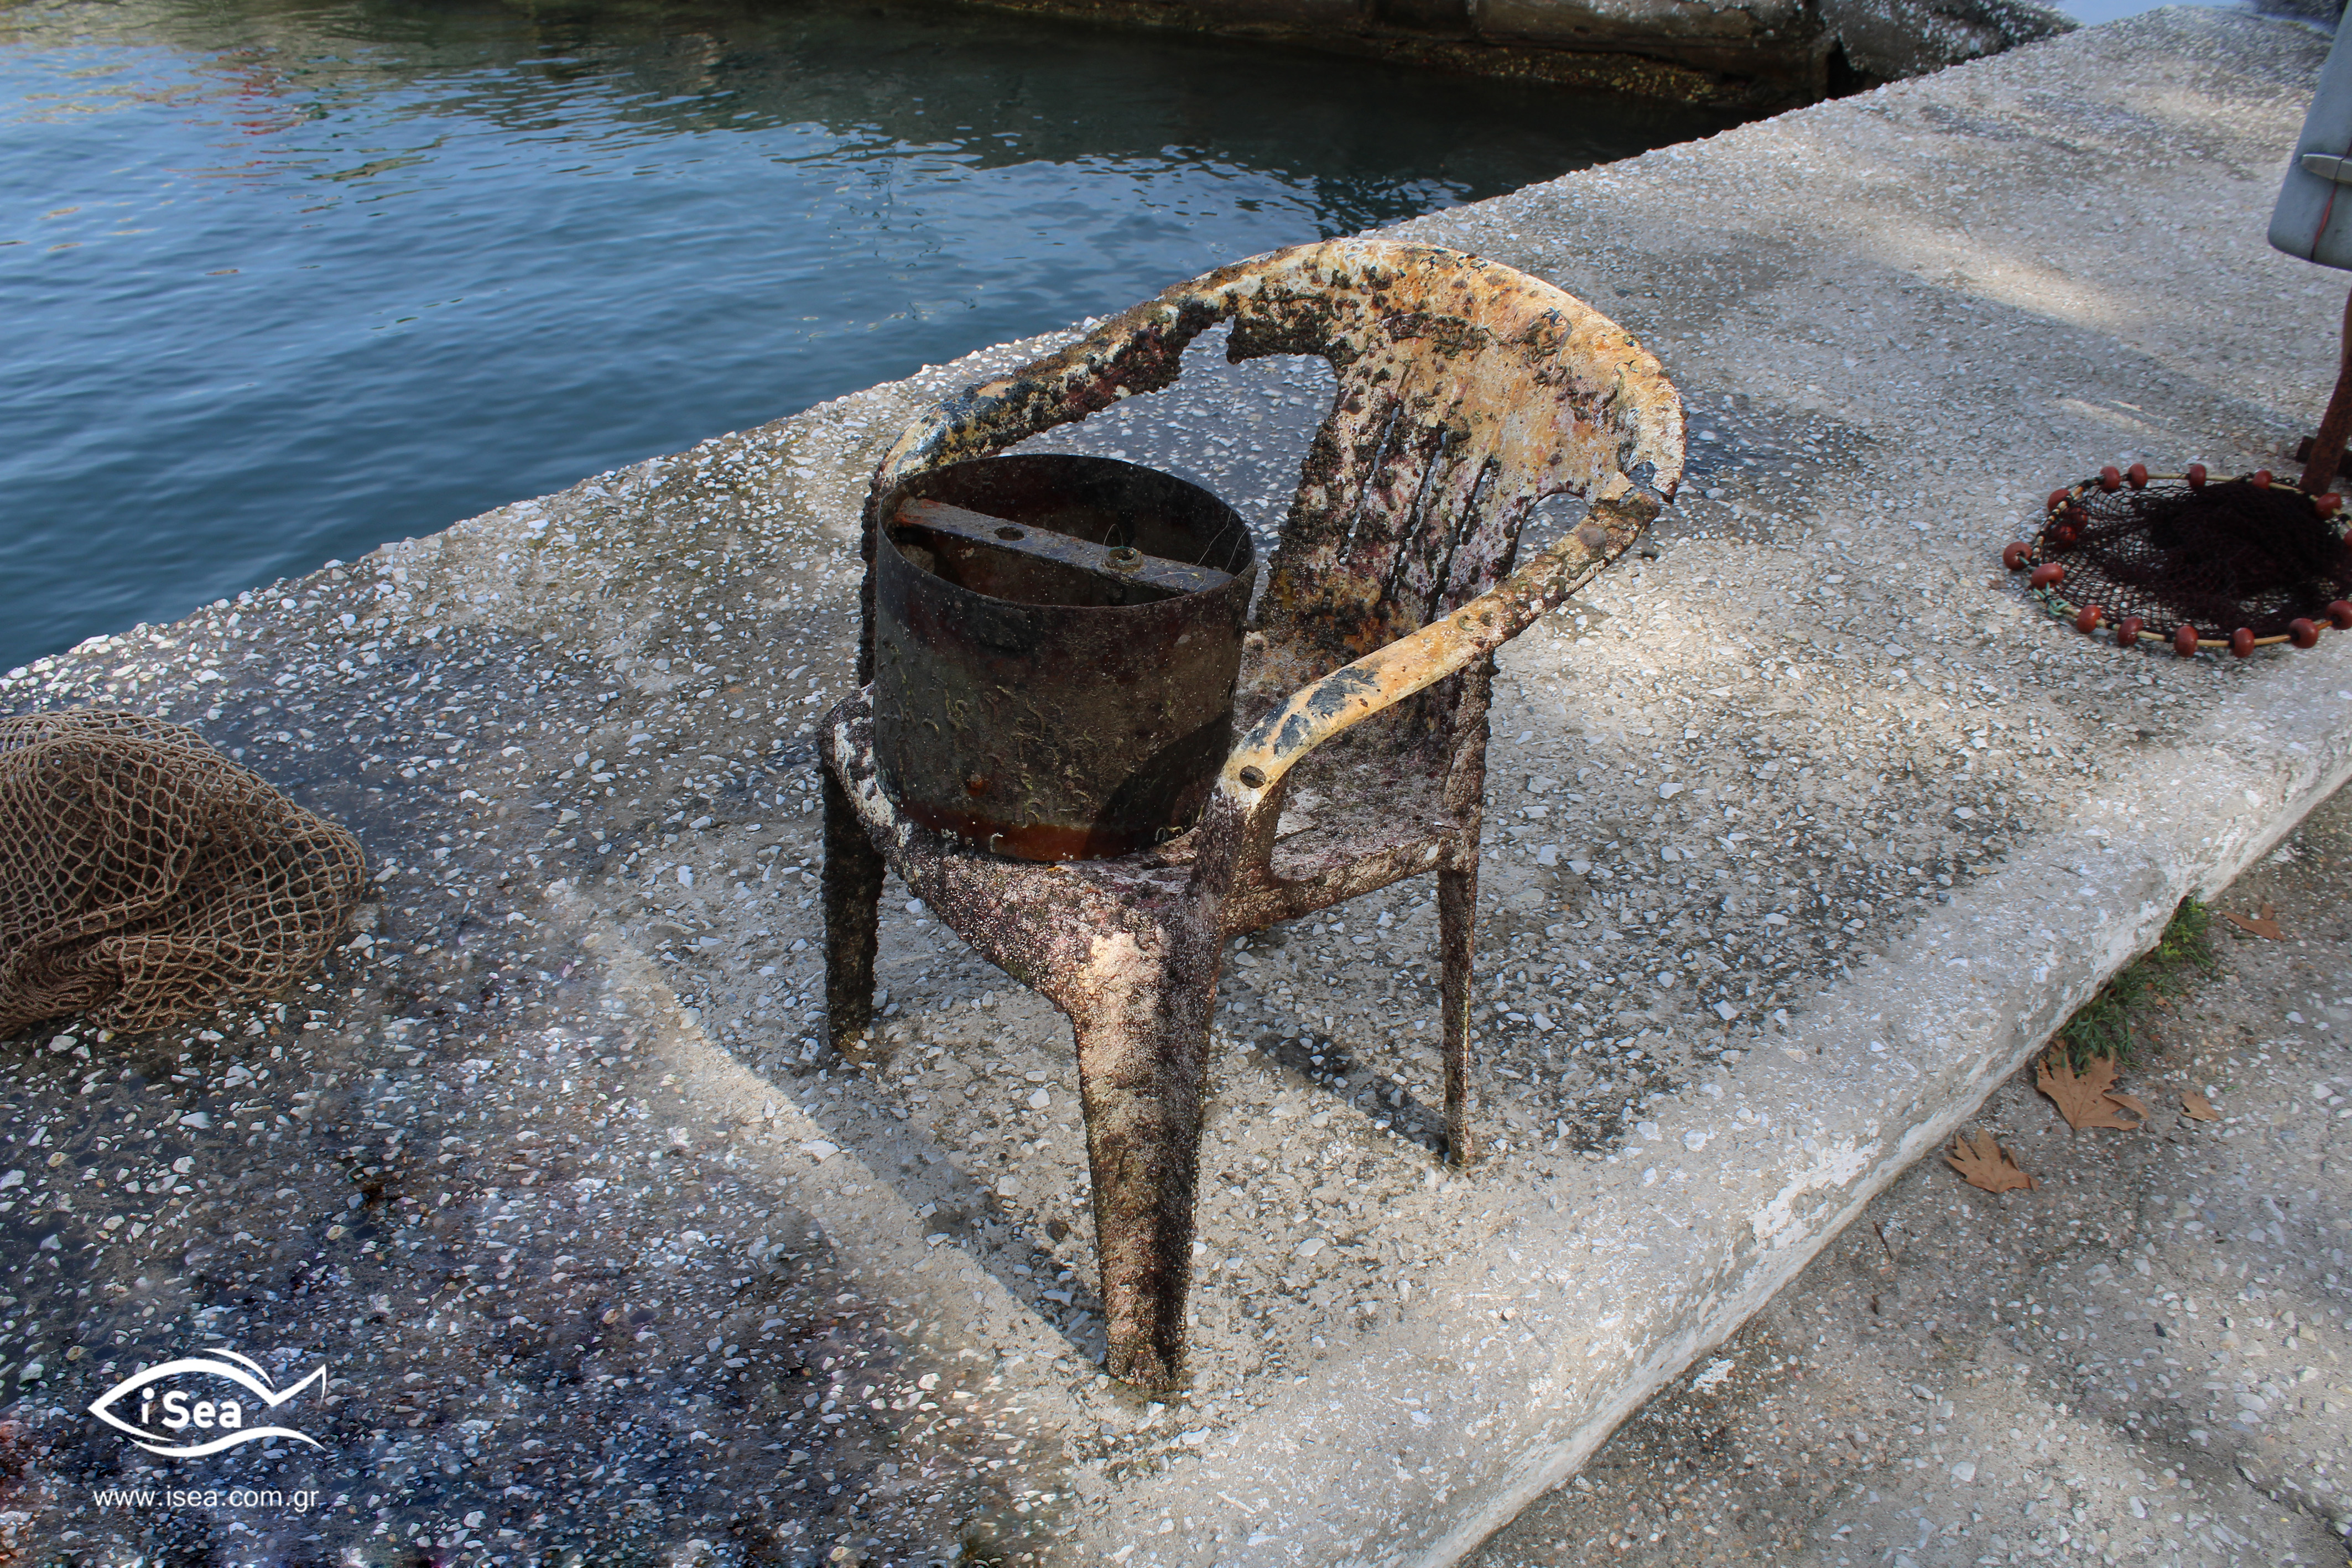 Θάσος: Ο καθαρισμός του βυθού αποκάλυψε αυτές τις εικόνες – Η ρύπανση της θάλασσας [pics]